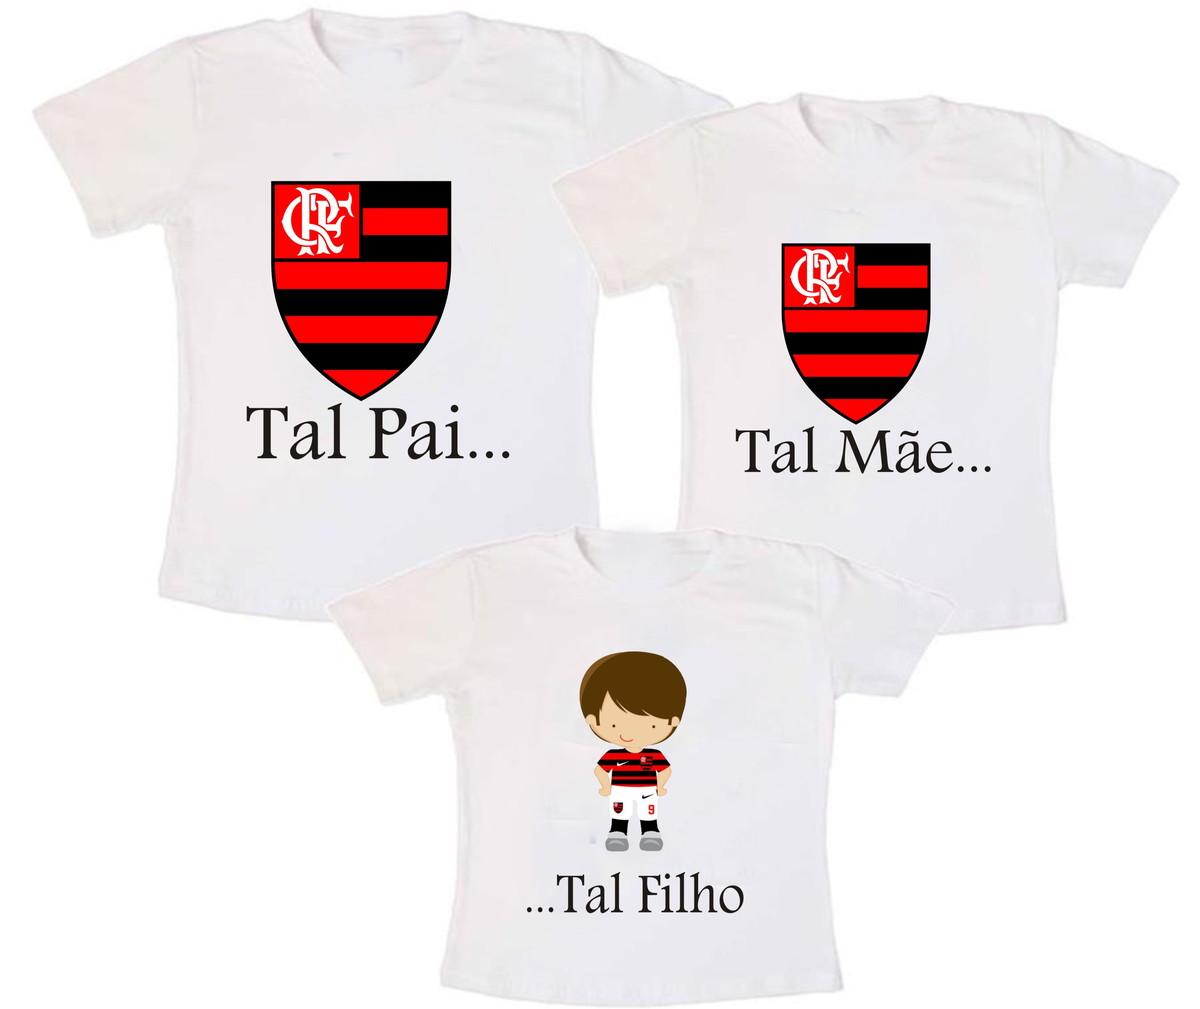 caff0e72b0 Camisetas Aniversário Flamengo C 03 no Elo7